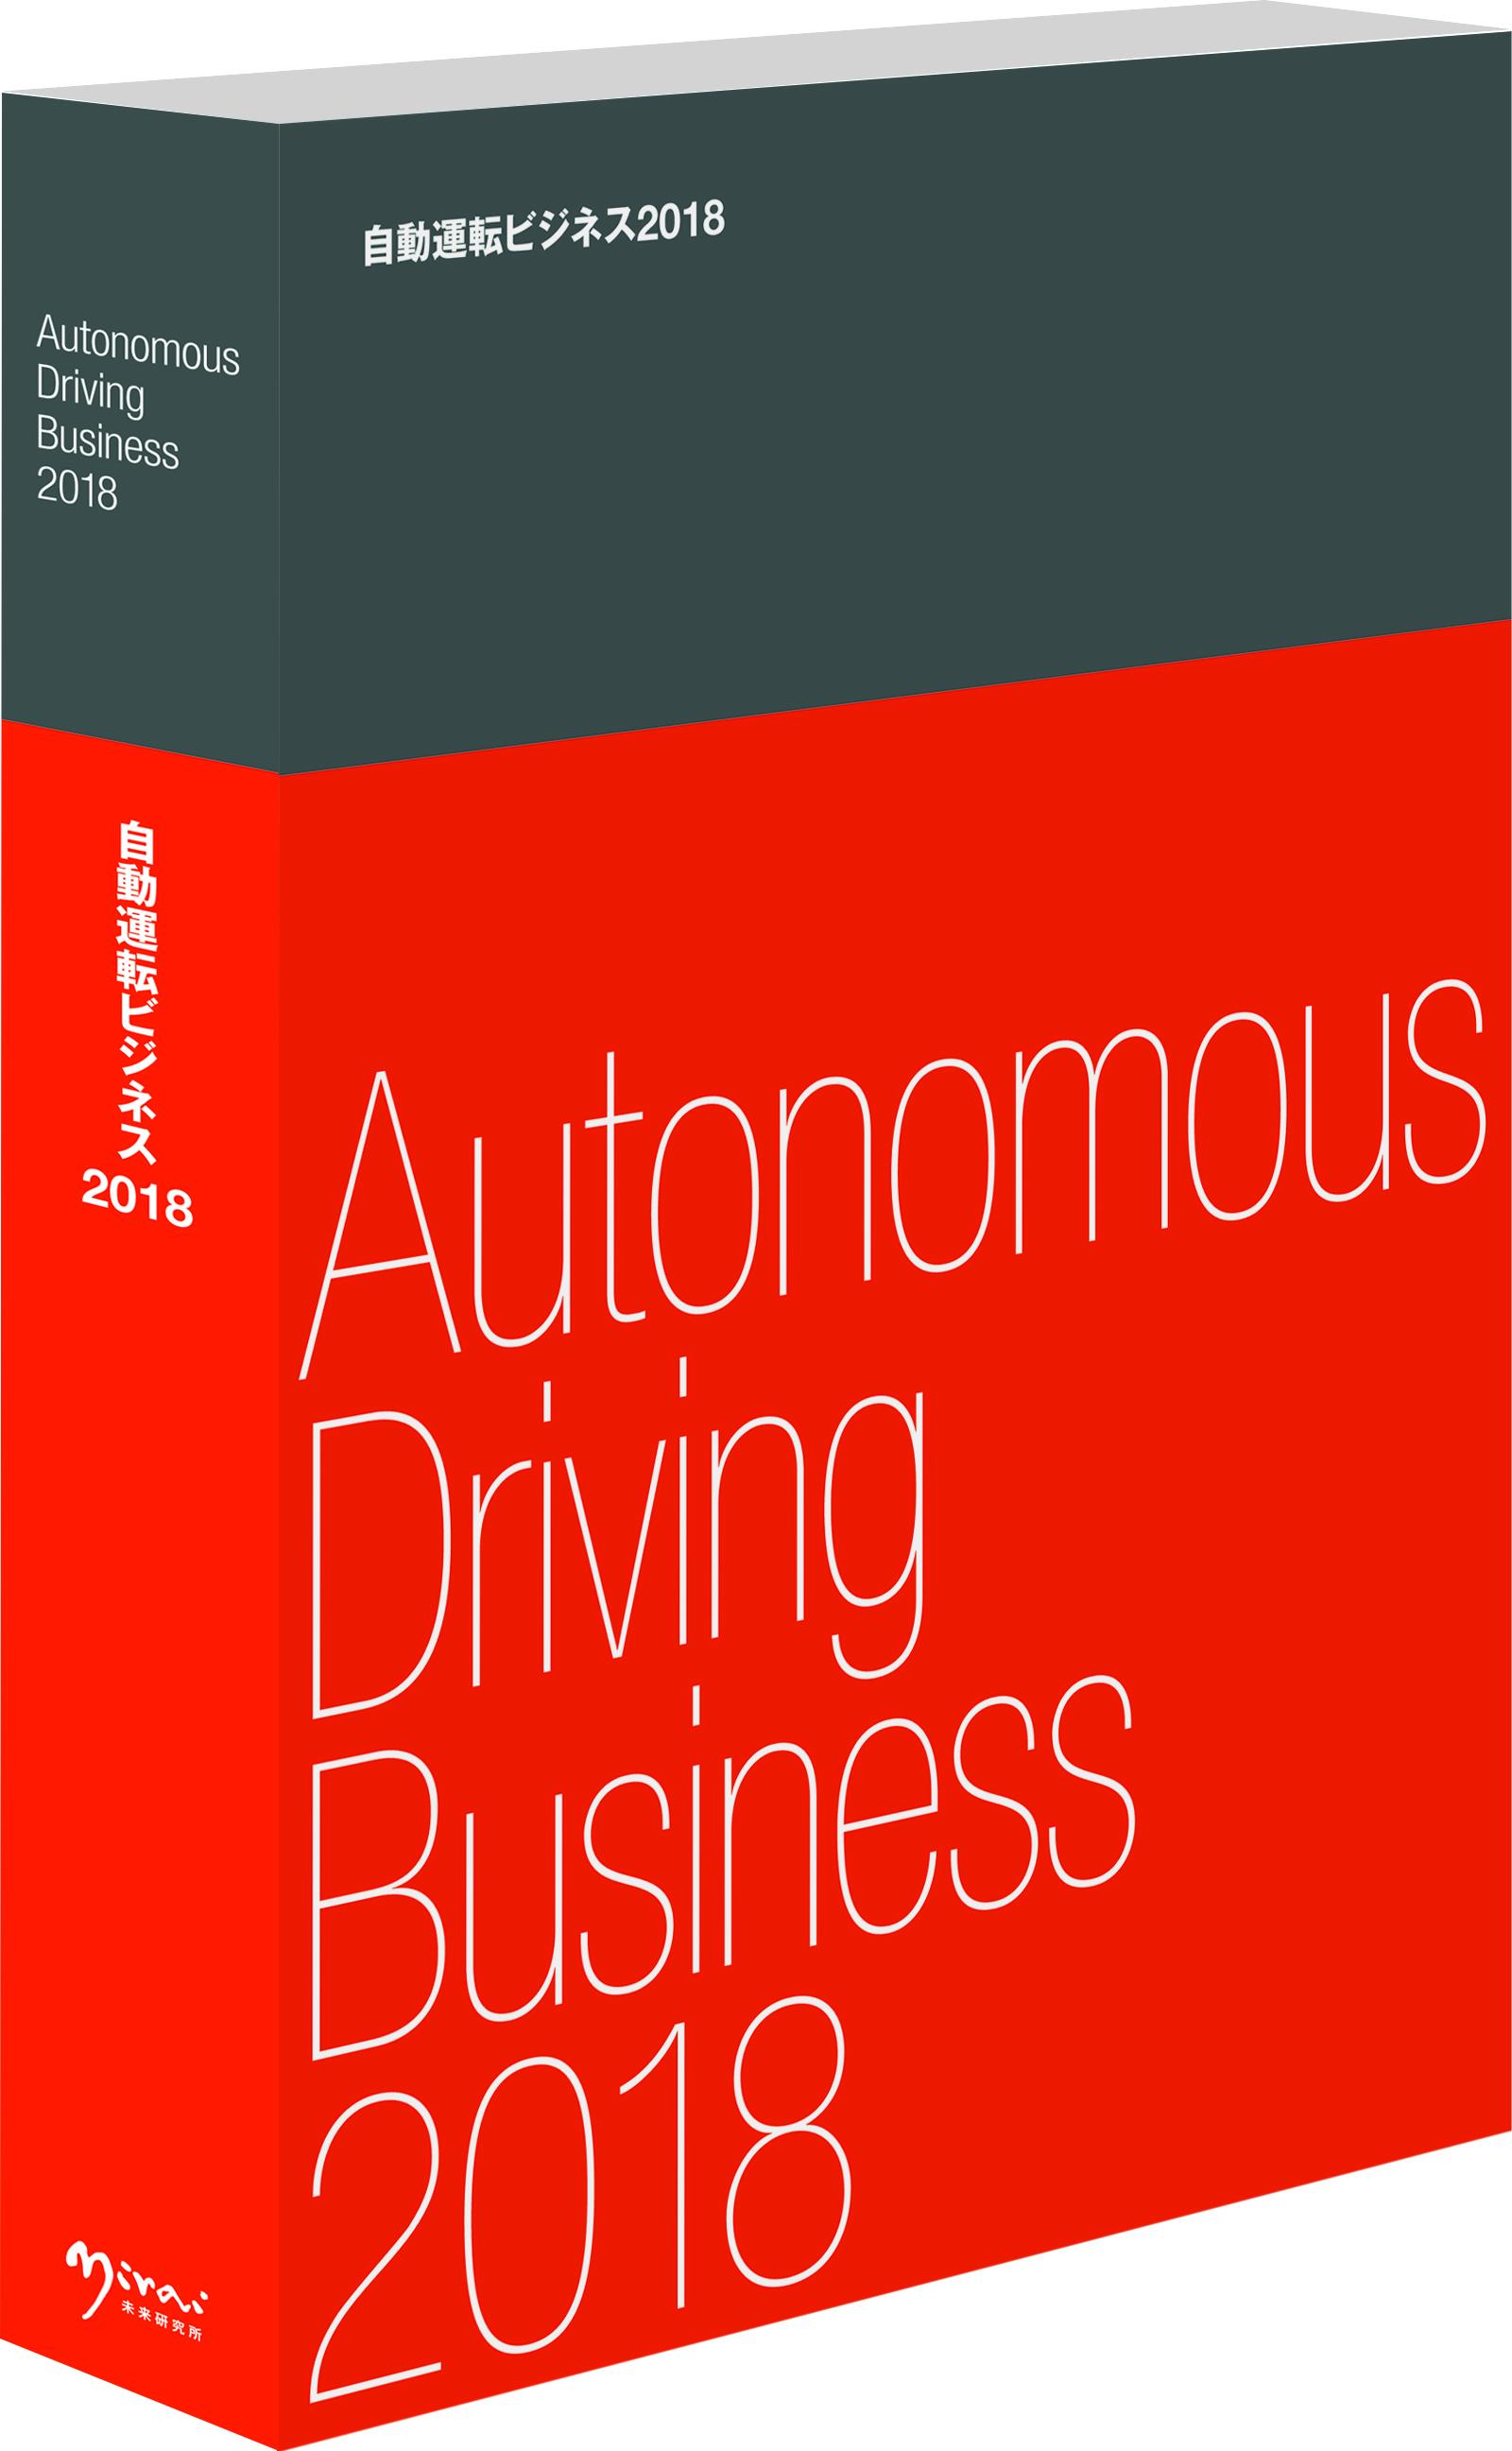 自動運転ビジネス2018